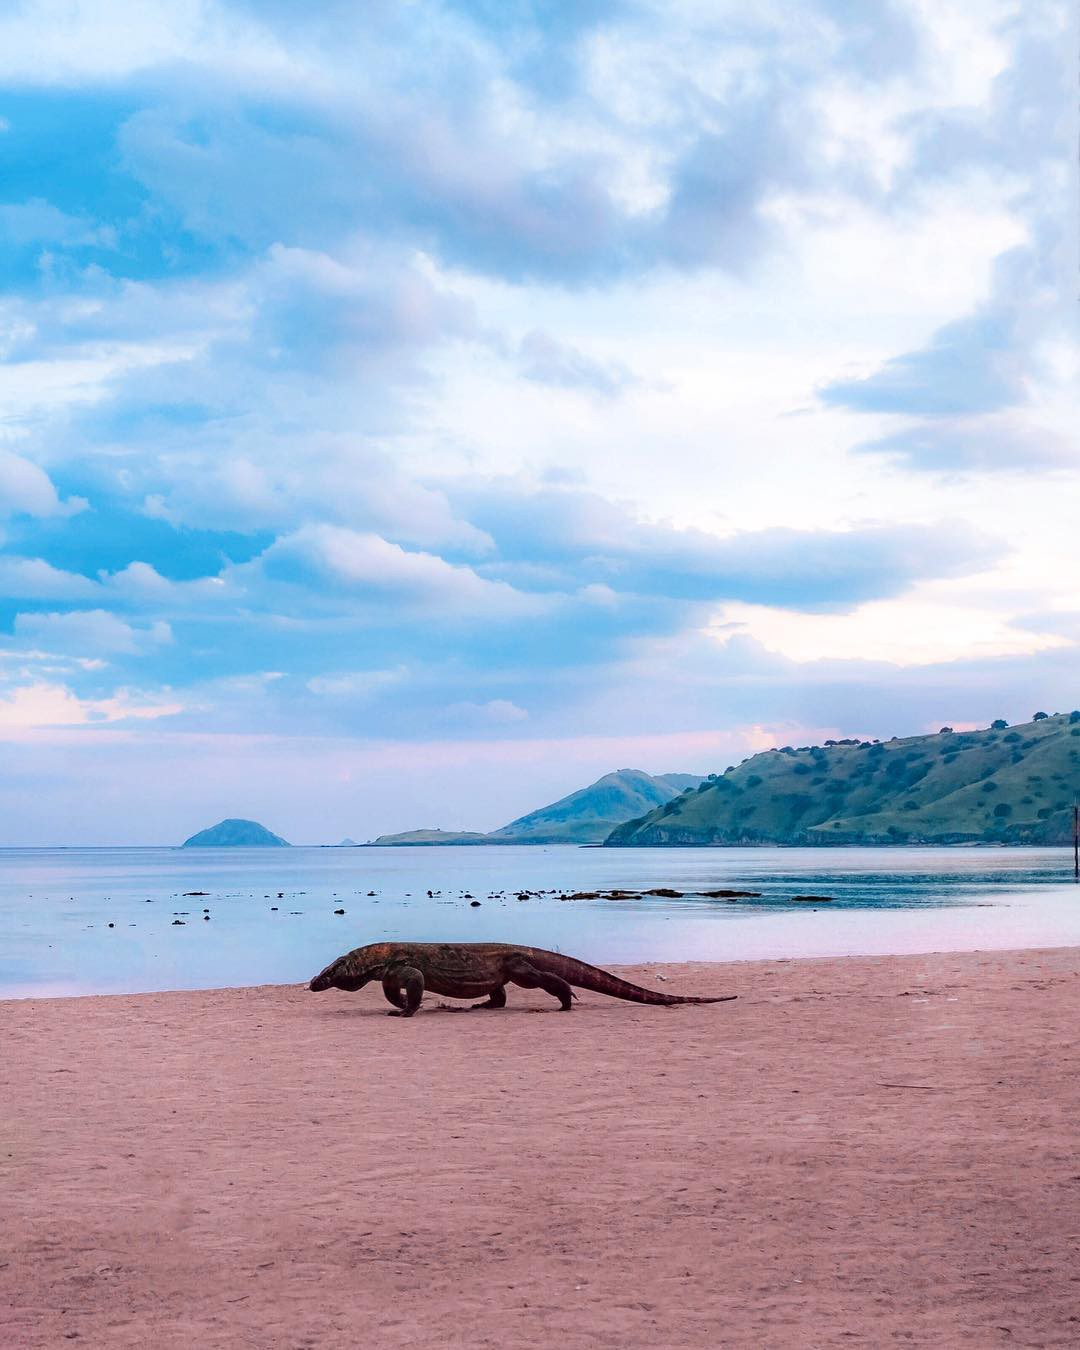 Indonesia sẽ đóng cửa đảo rồng Komodo để ngăn chặn buôn lậu (11/4/2019)